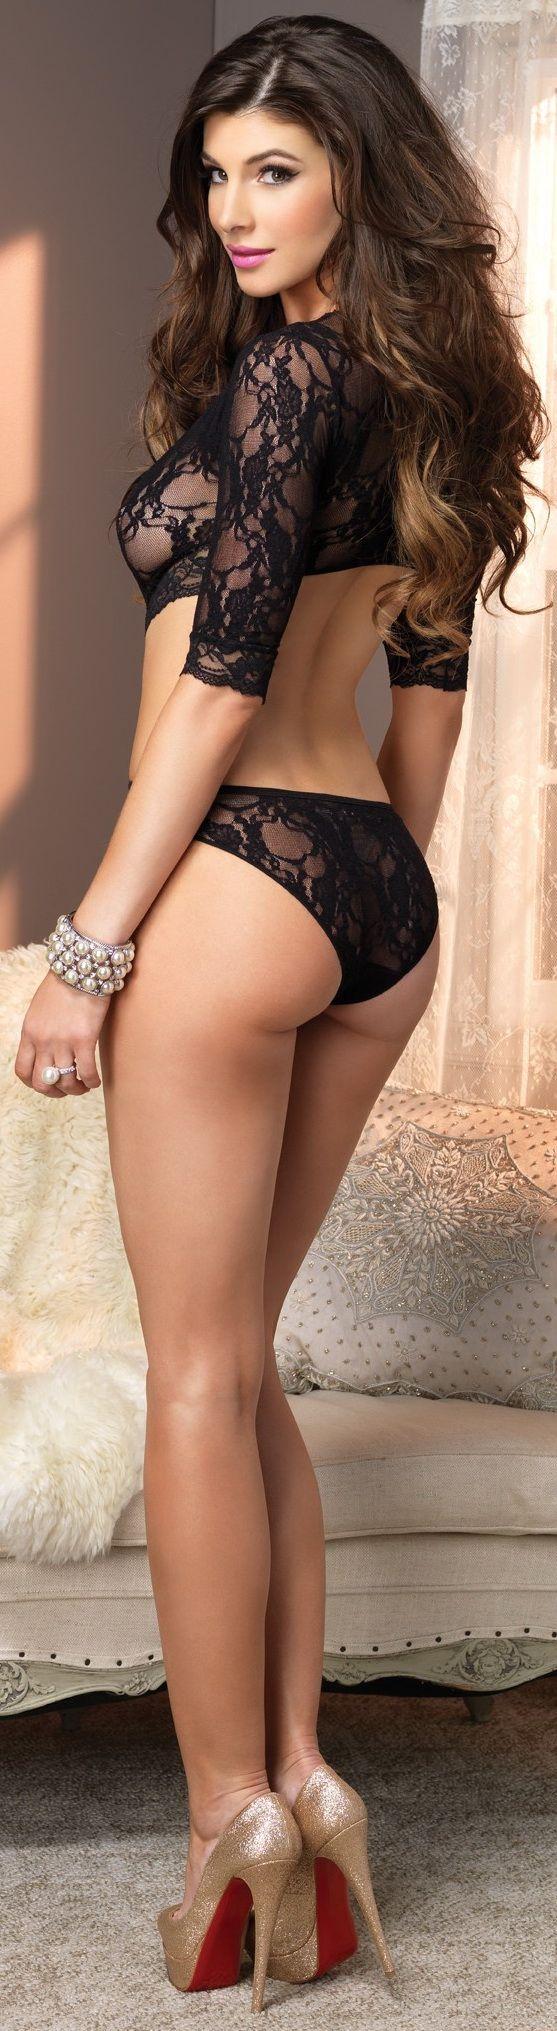 beautiful black women lingerie heels jpg 1500x1000